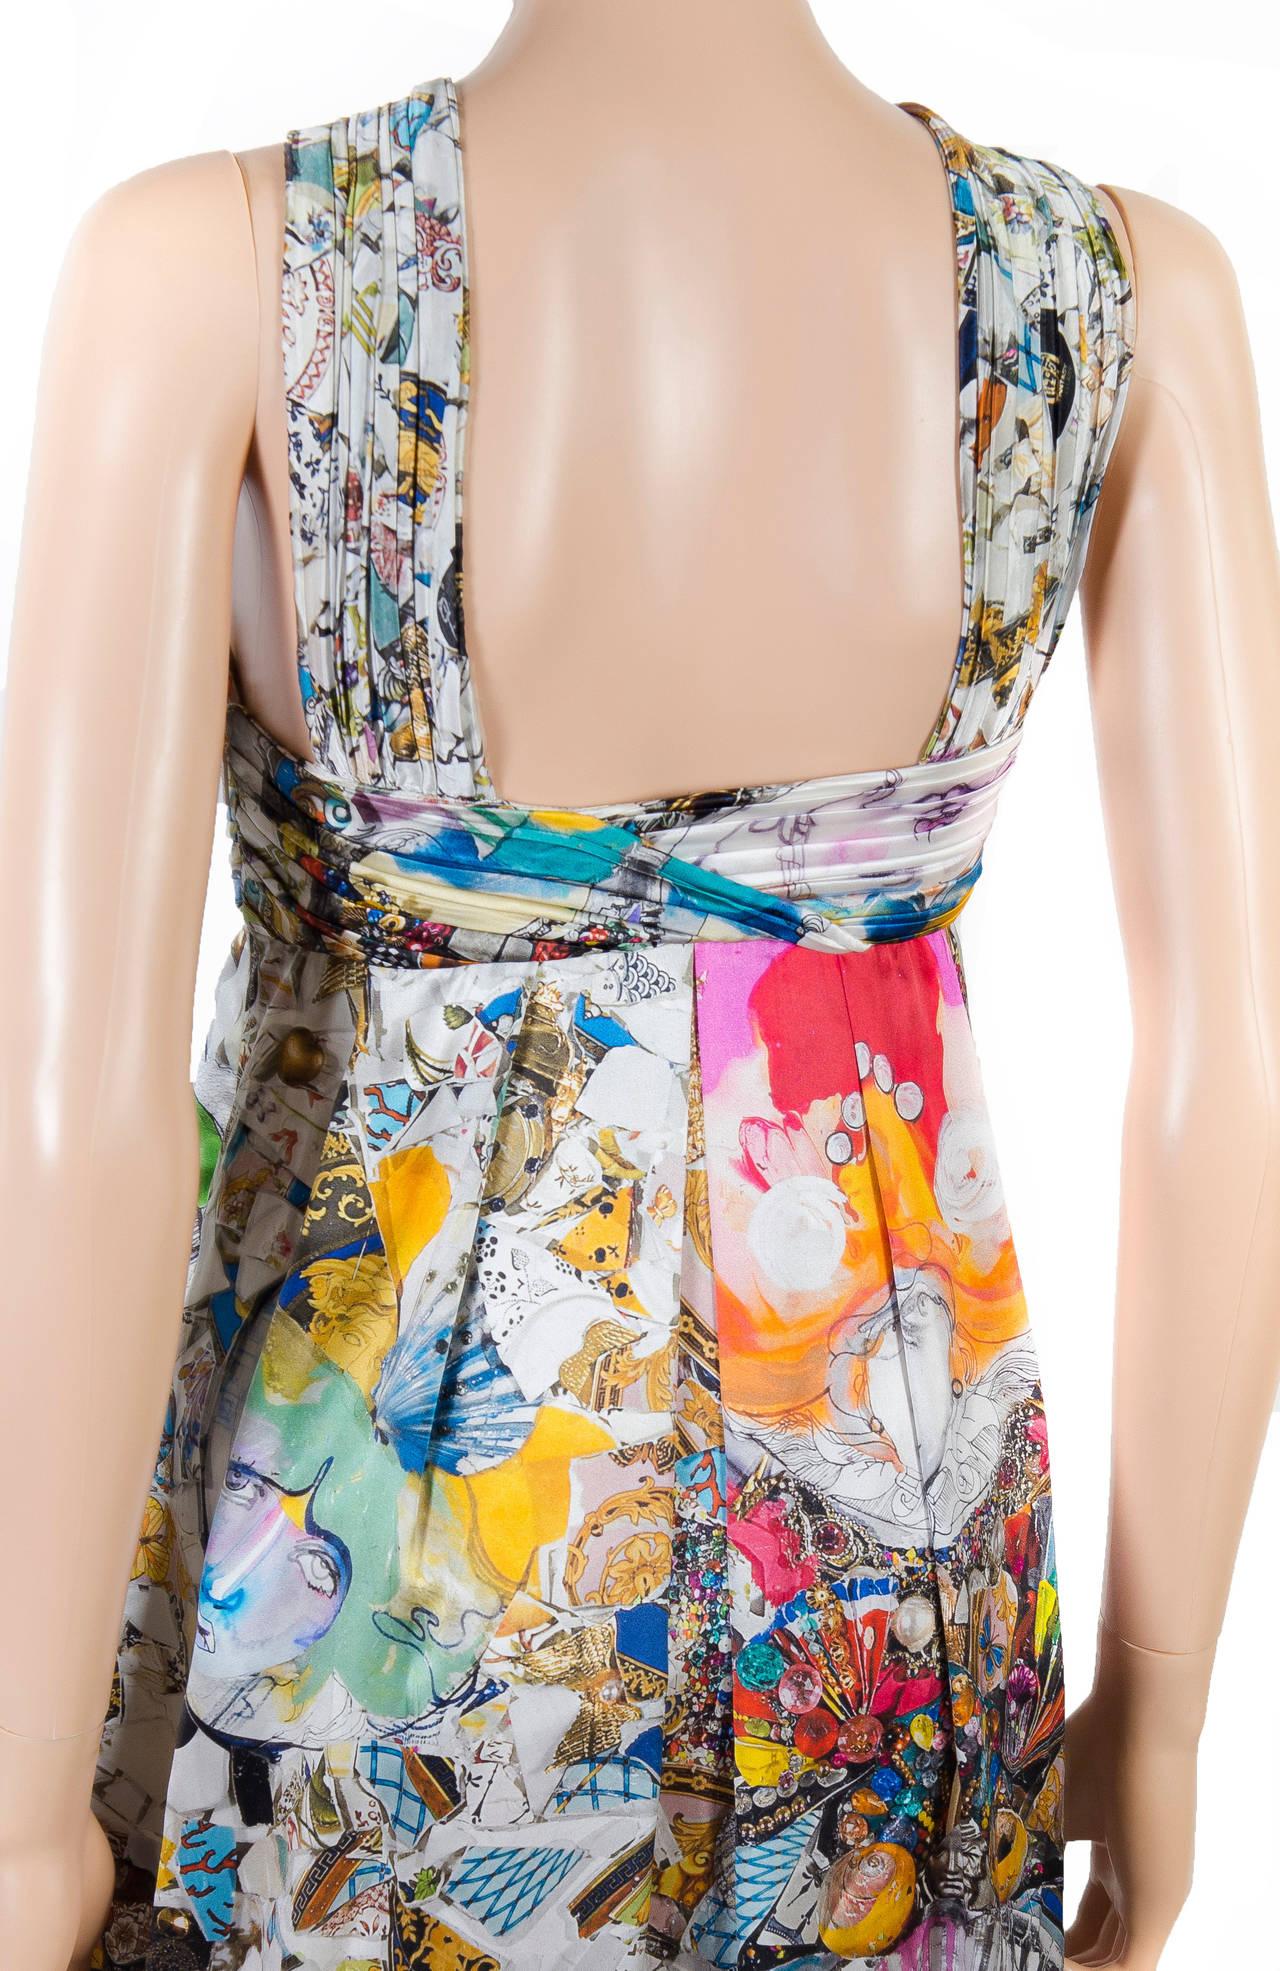 New VERSACE Julie Verhoeven Print Silk Dress 7